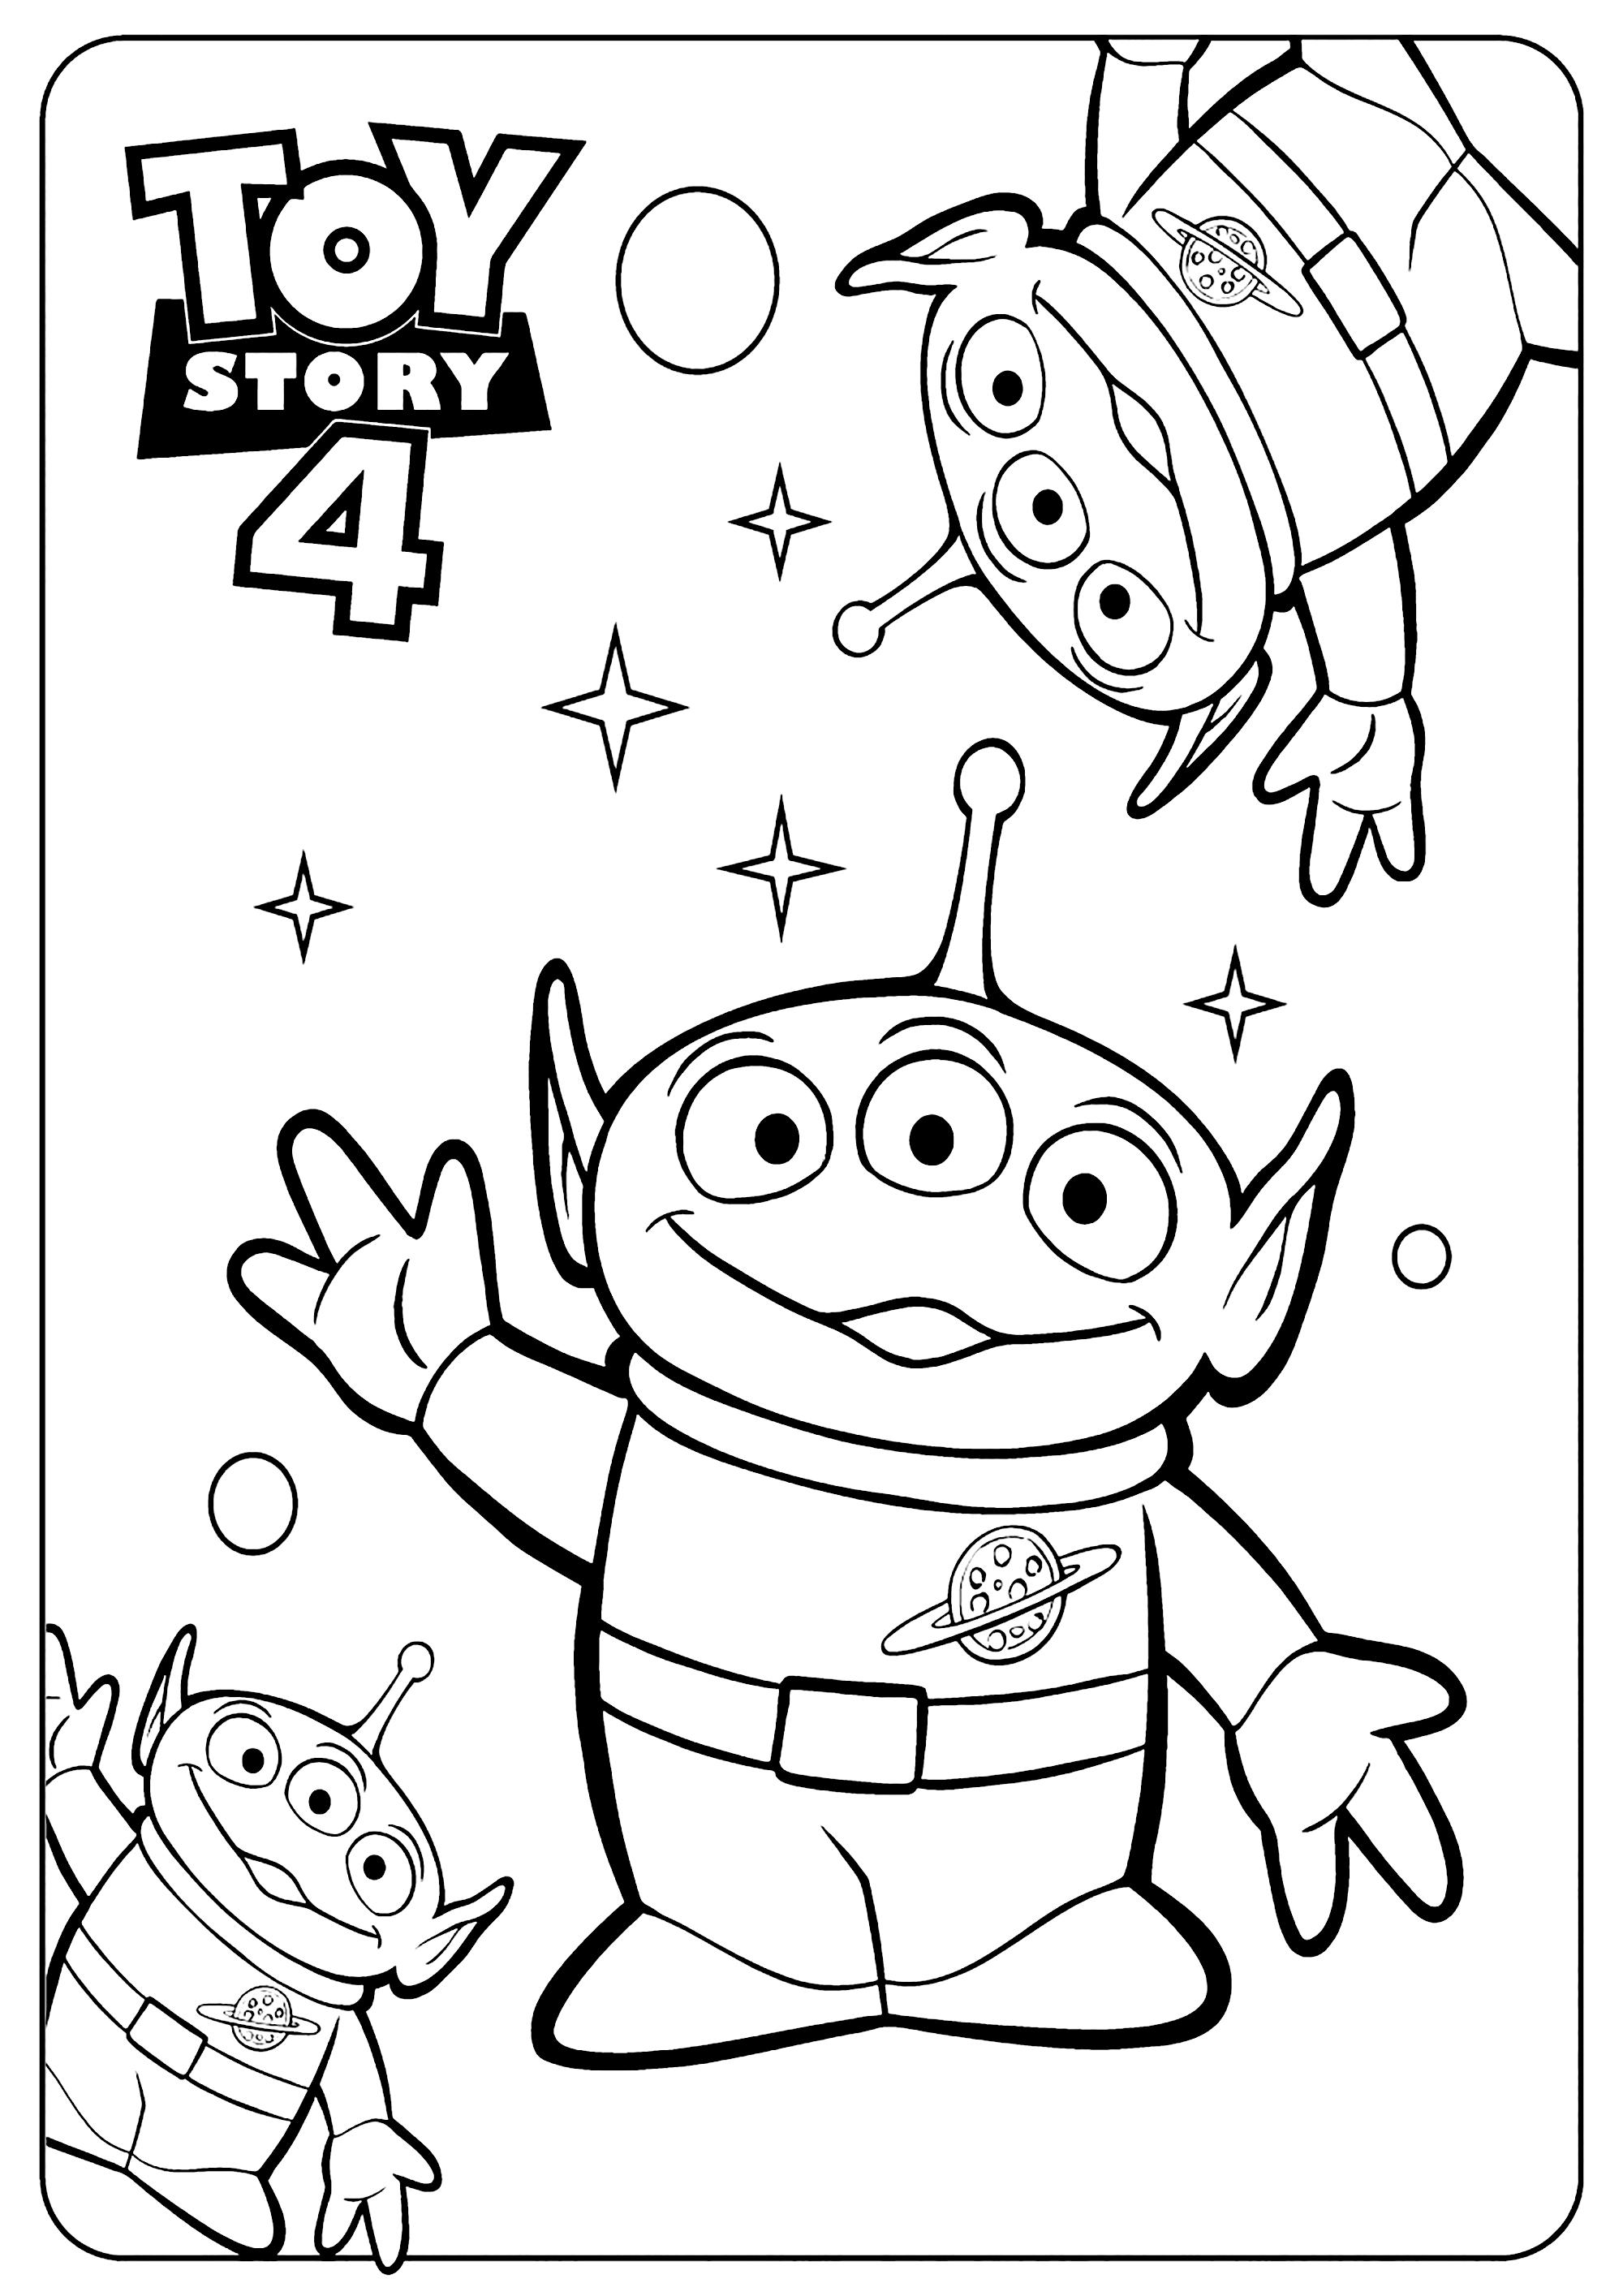 Magnifique coloriage de Toy Story 4 : Les extraterrestres